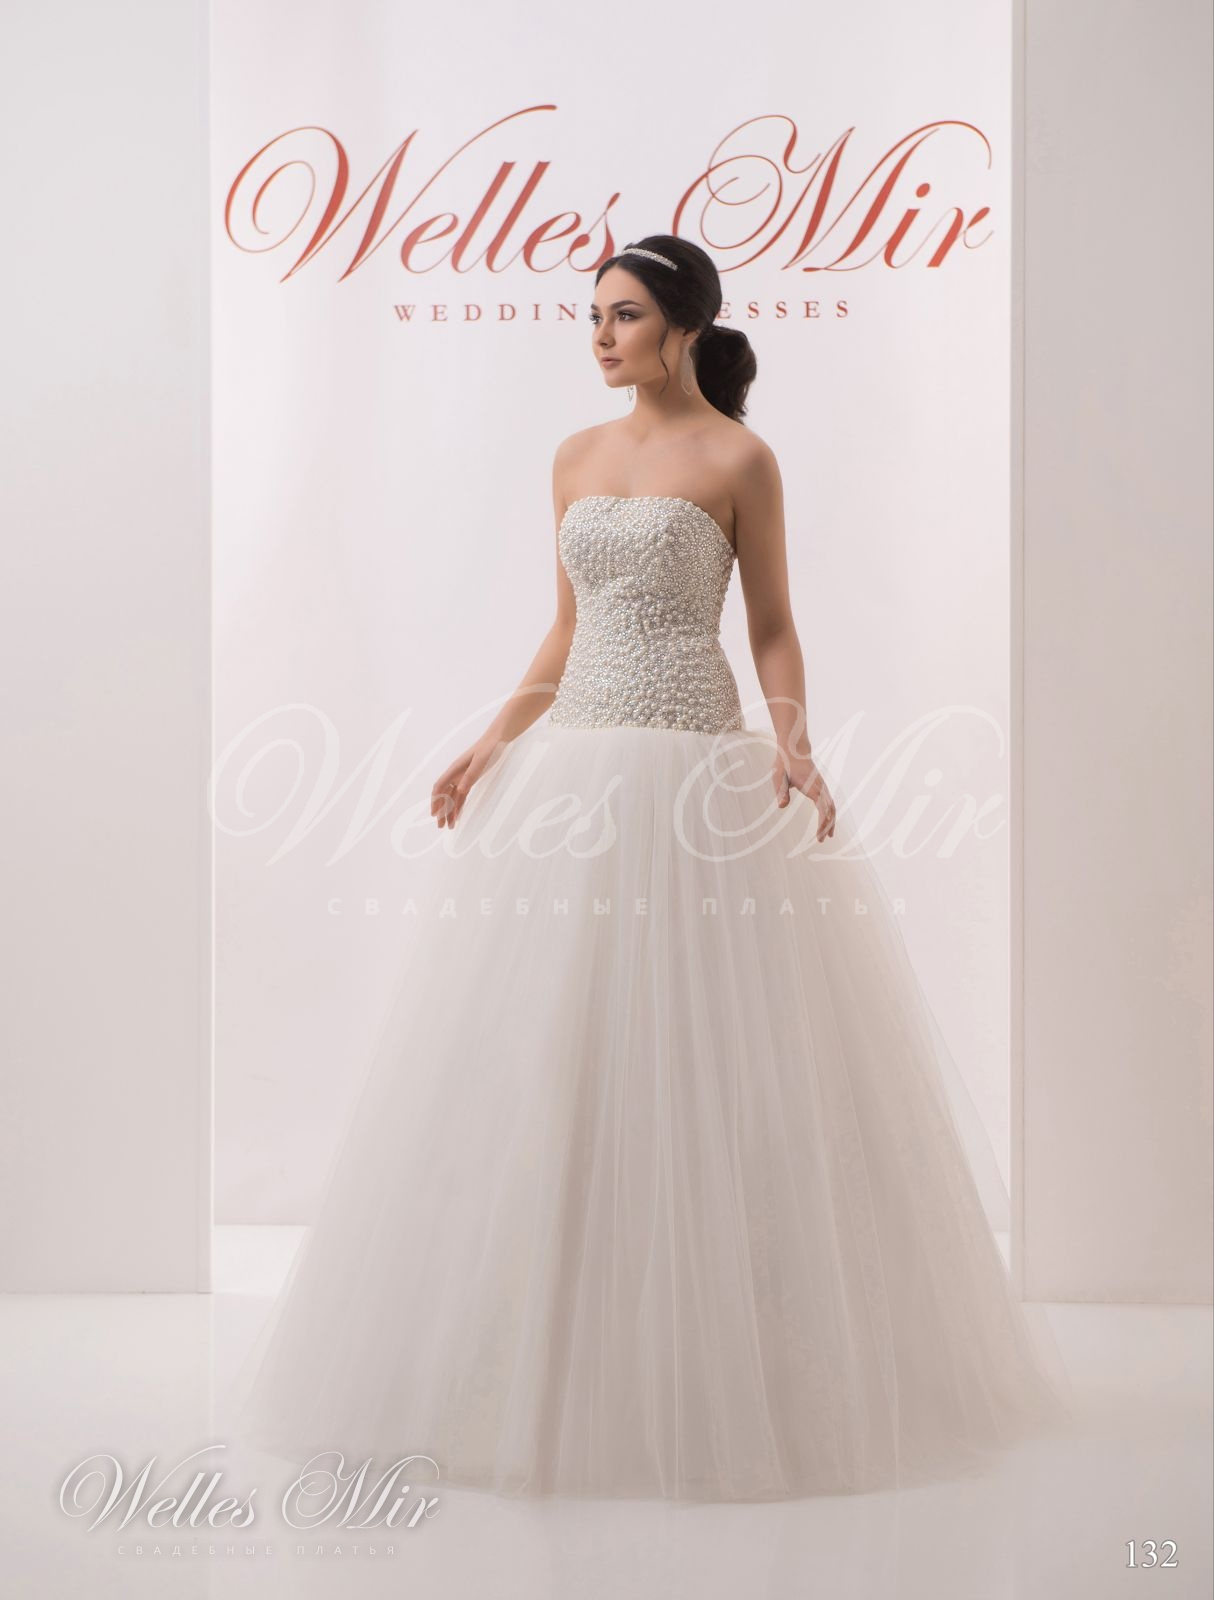 Свадебные платья Soft collection - 132